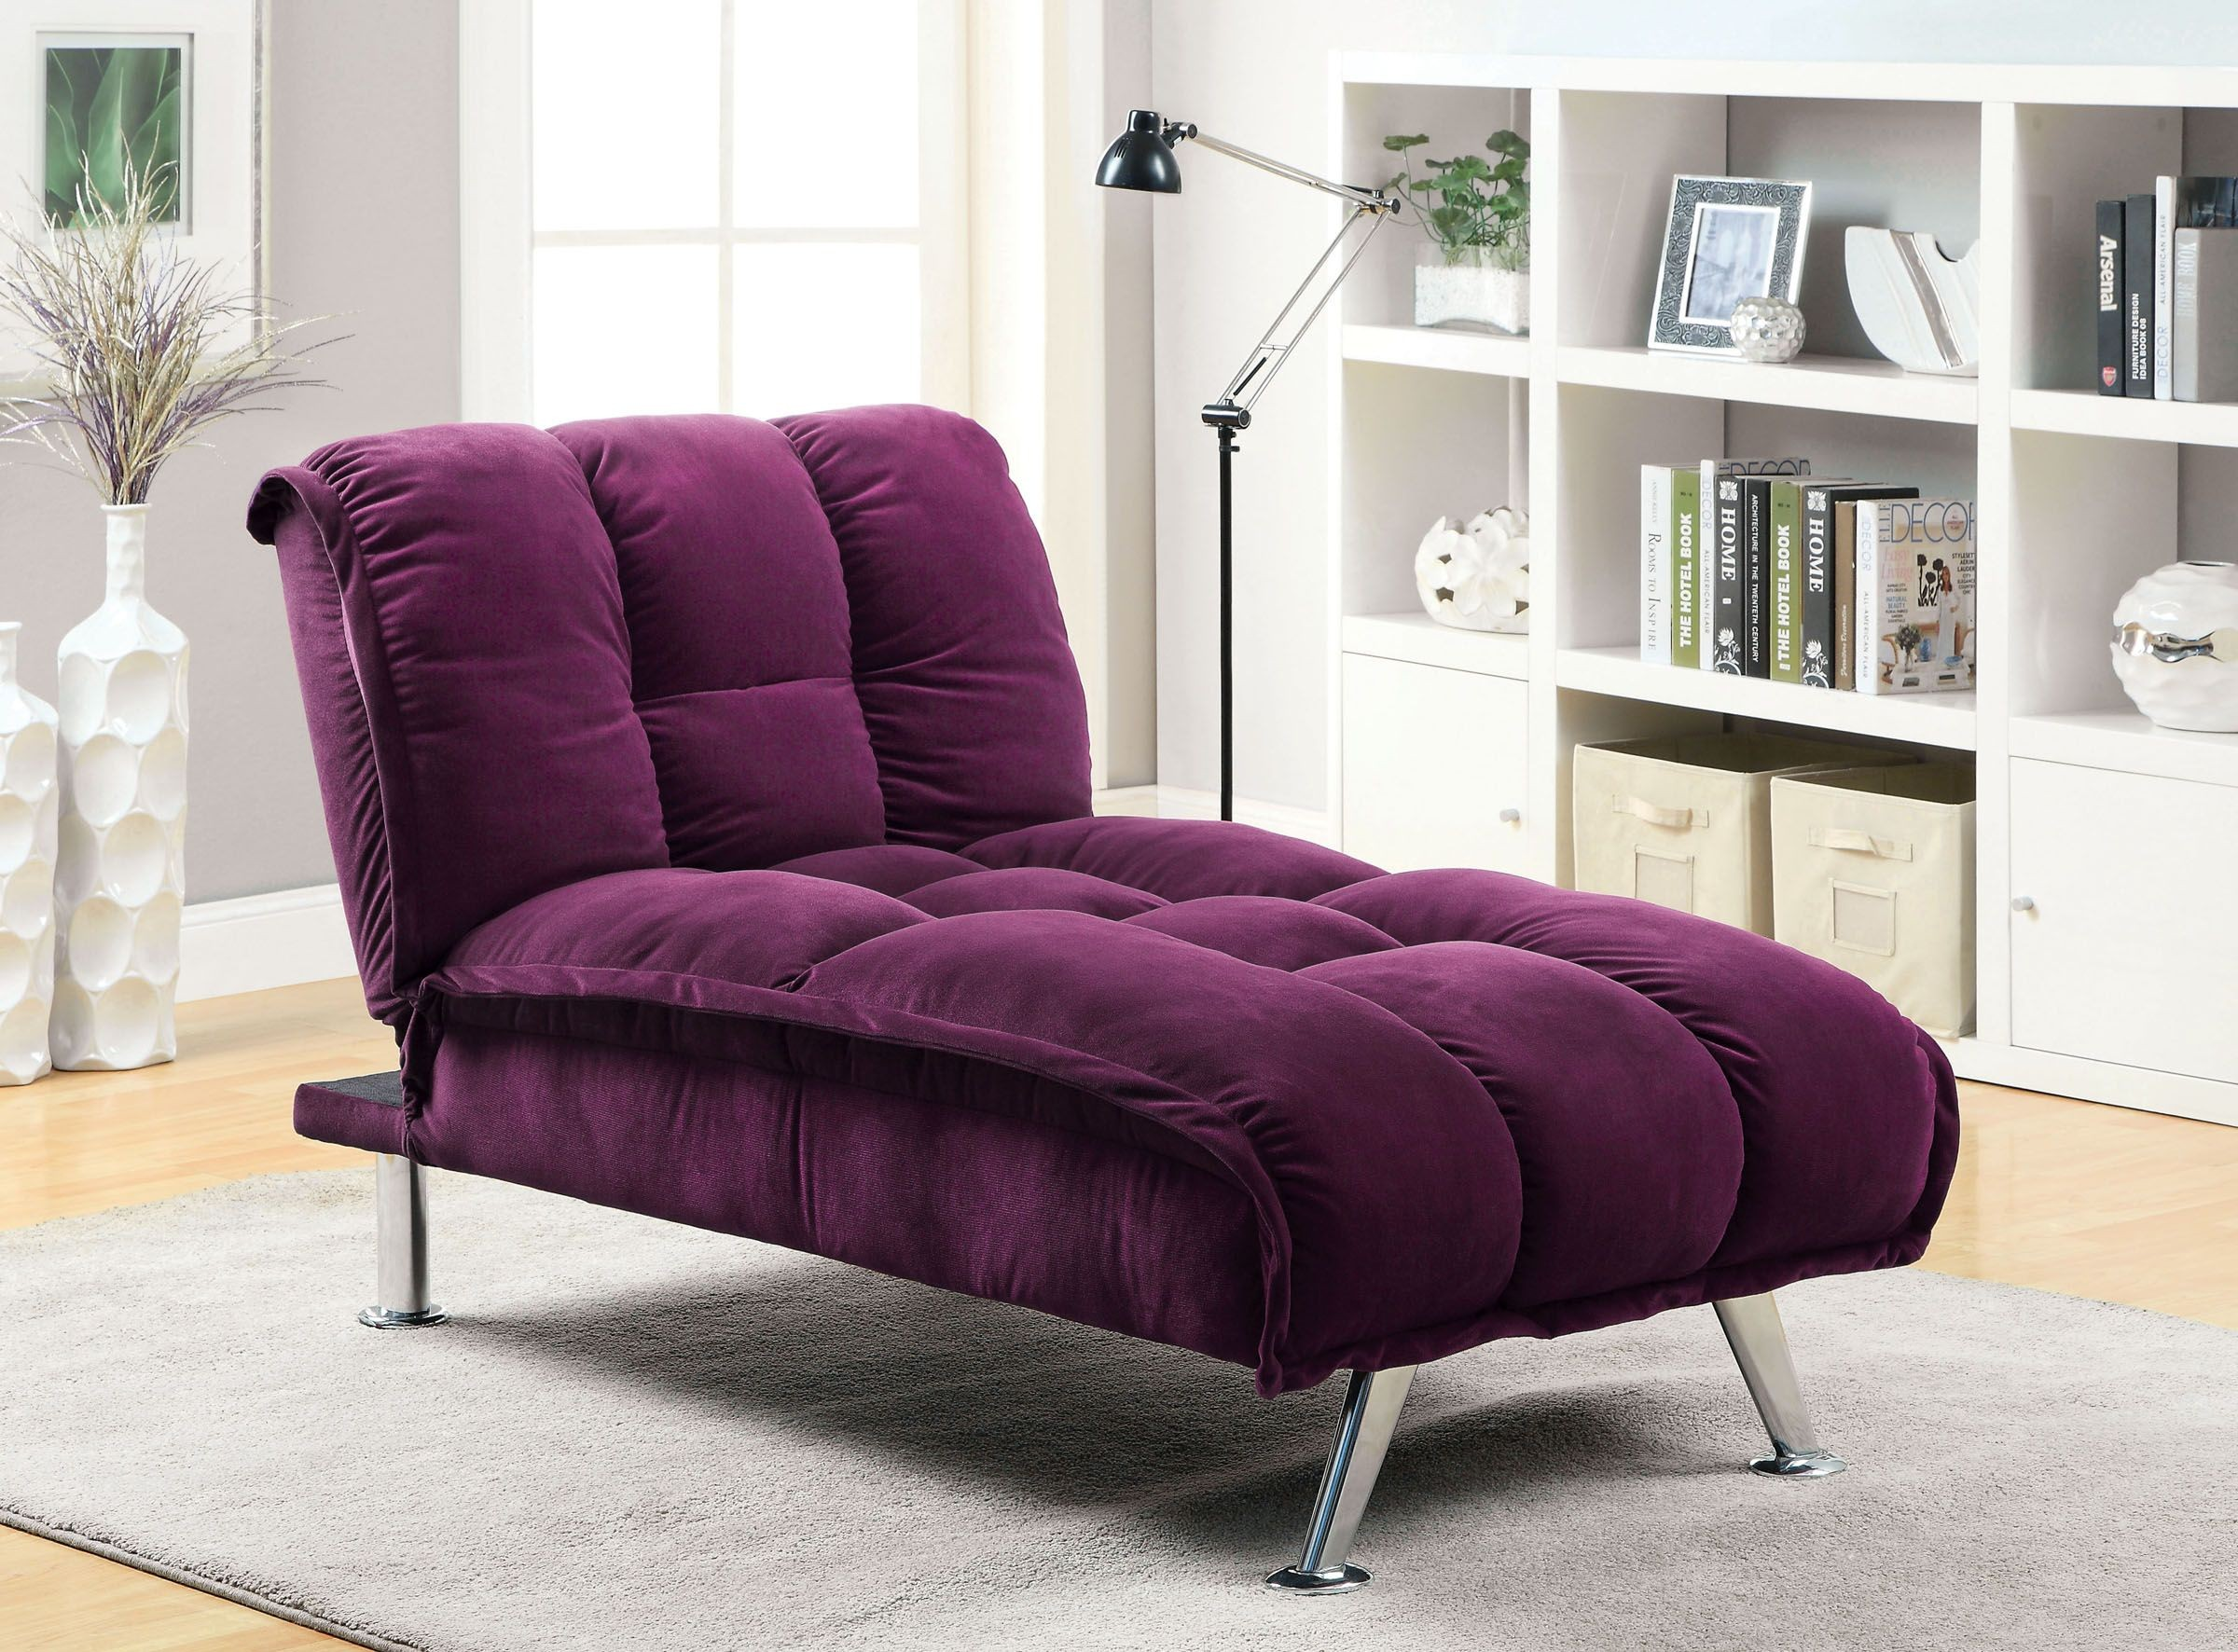 Maybelle Purple Living Room Set, CM2908PR, Furniture Of